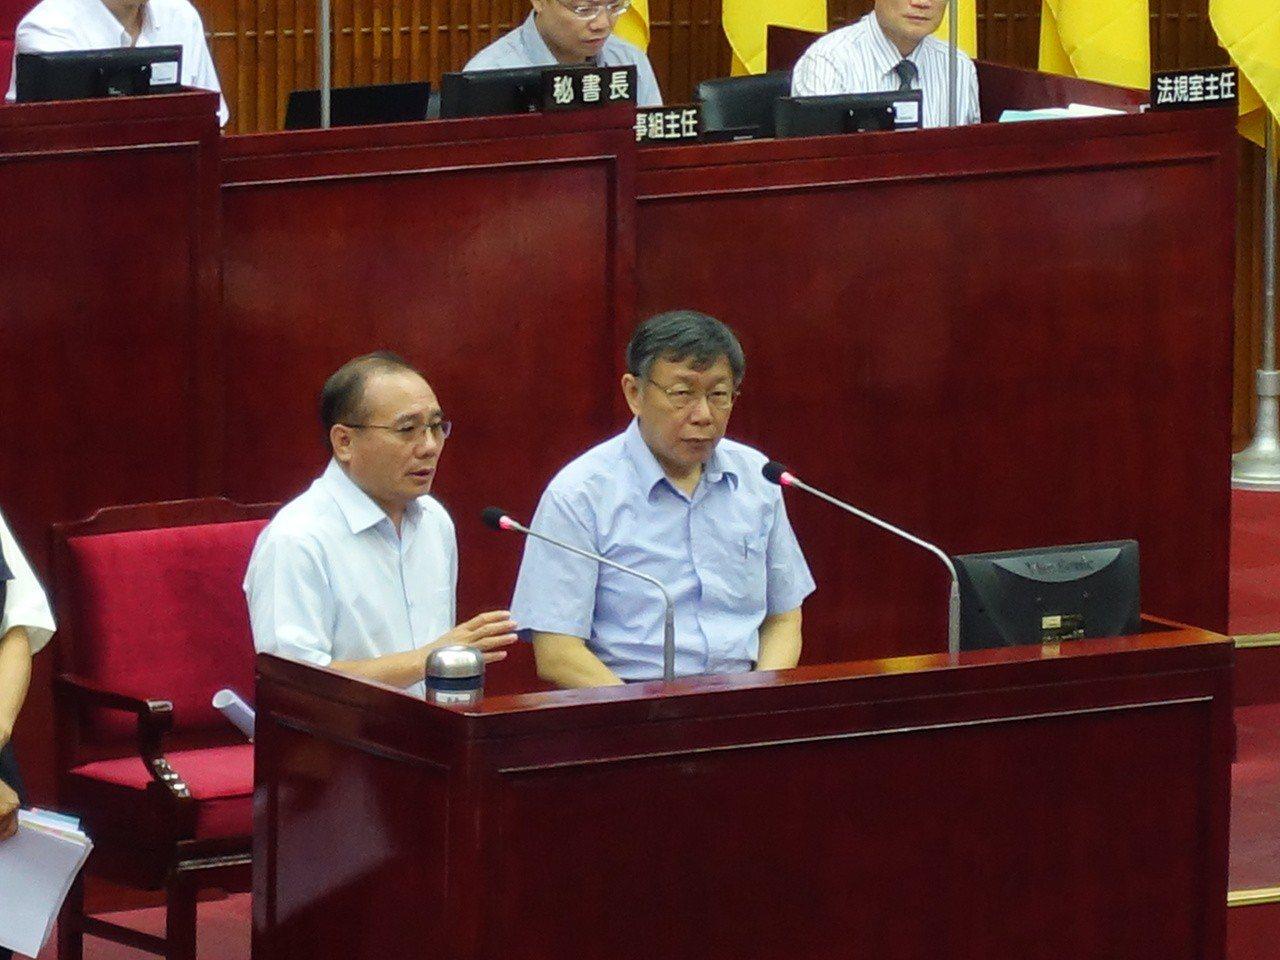 台北市長柯文哲30號下午在議會接受備詢。記者邱瓊玉/攝影